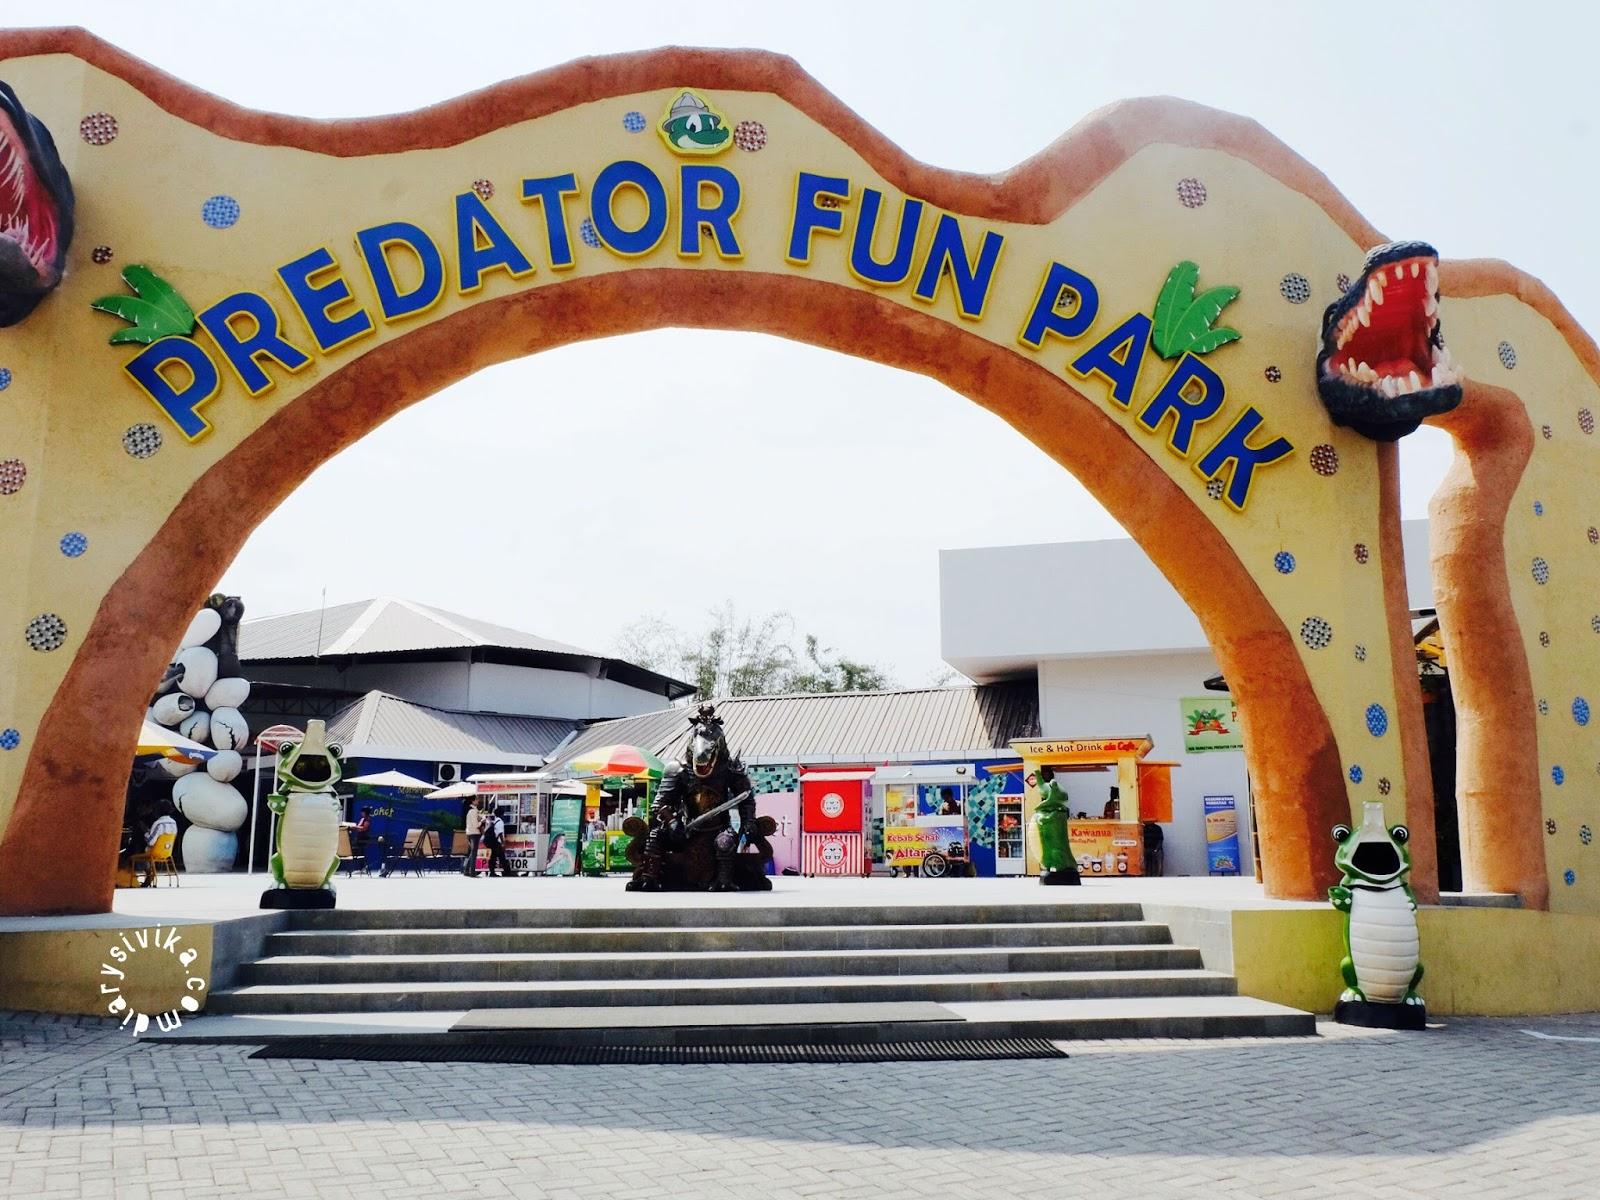 Harga Tiket dan Rute Lokasi Predator Fun Park Batu Malang